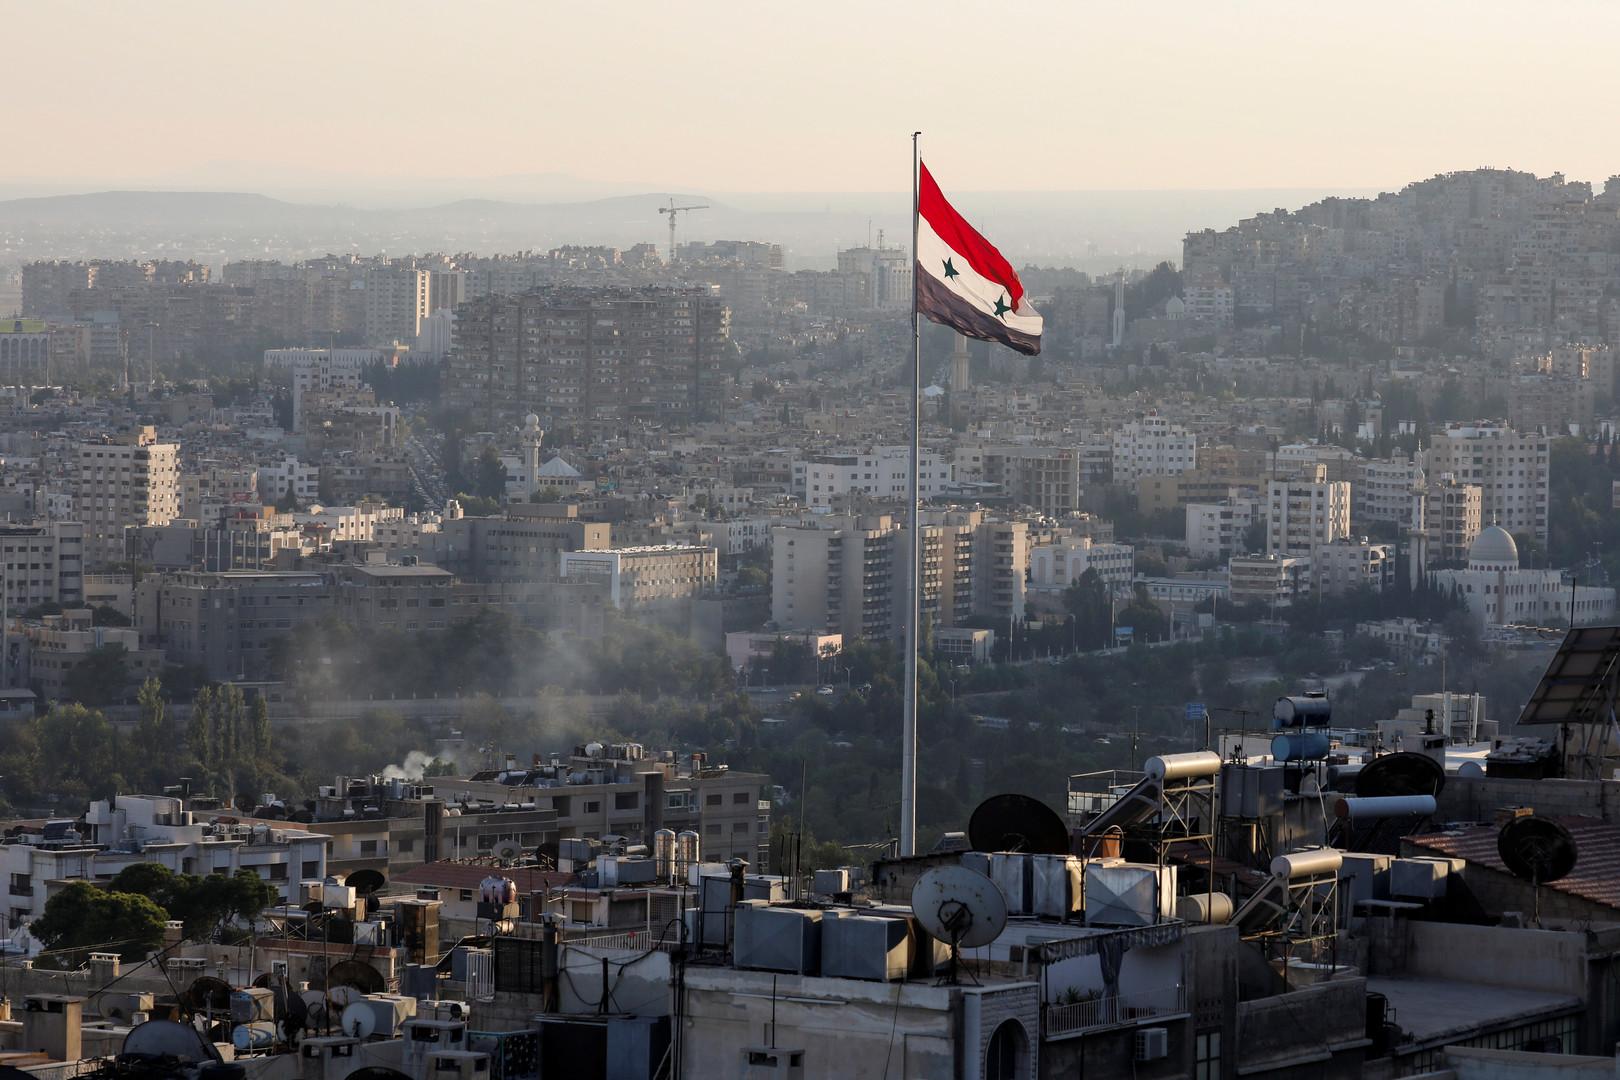 مباحثات روسية أمريكية لوضع خطة سلام وإنهاء عزلة سوريا